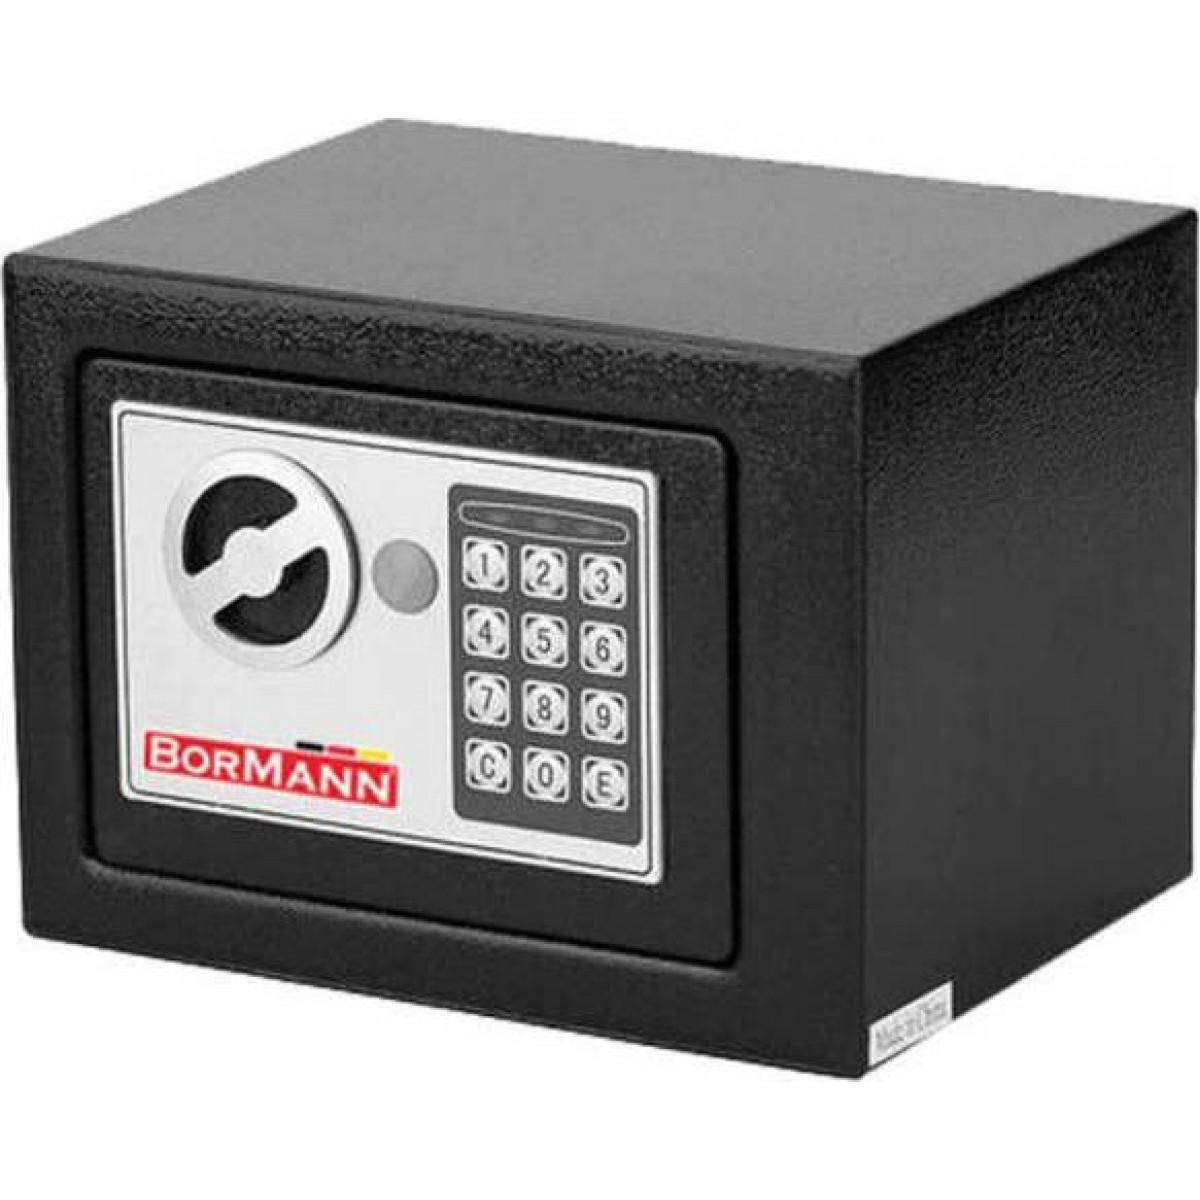 Χρηματοκιβώτιο ασφαλείας BORMANN BDS2300